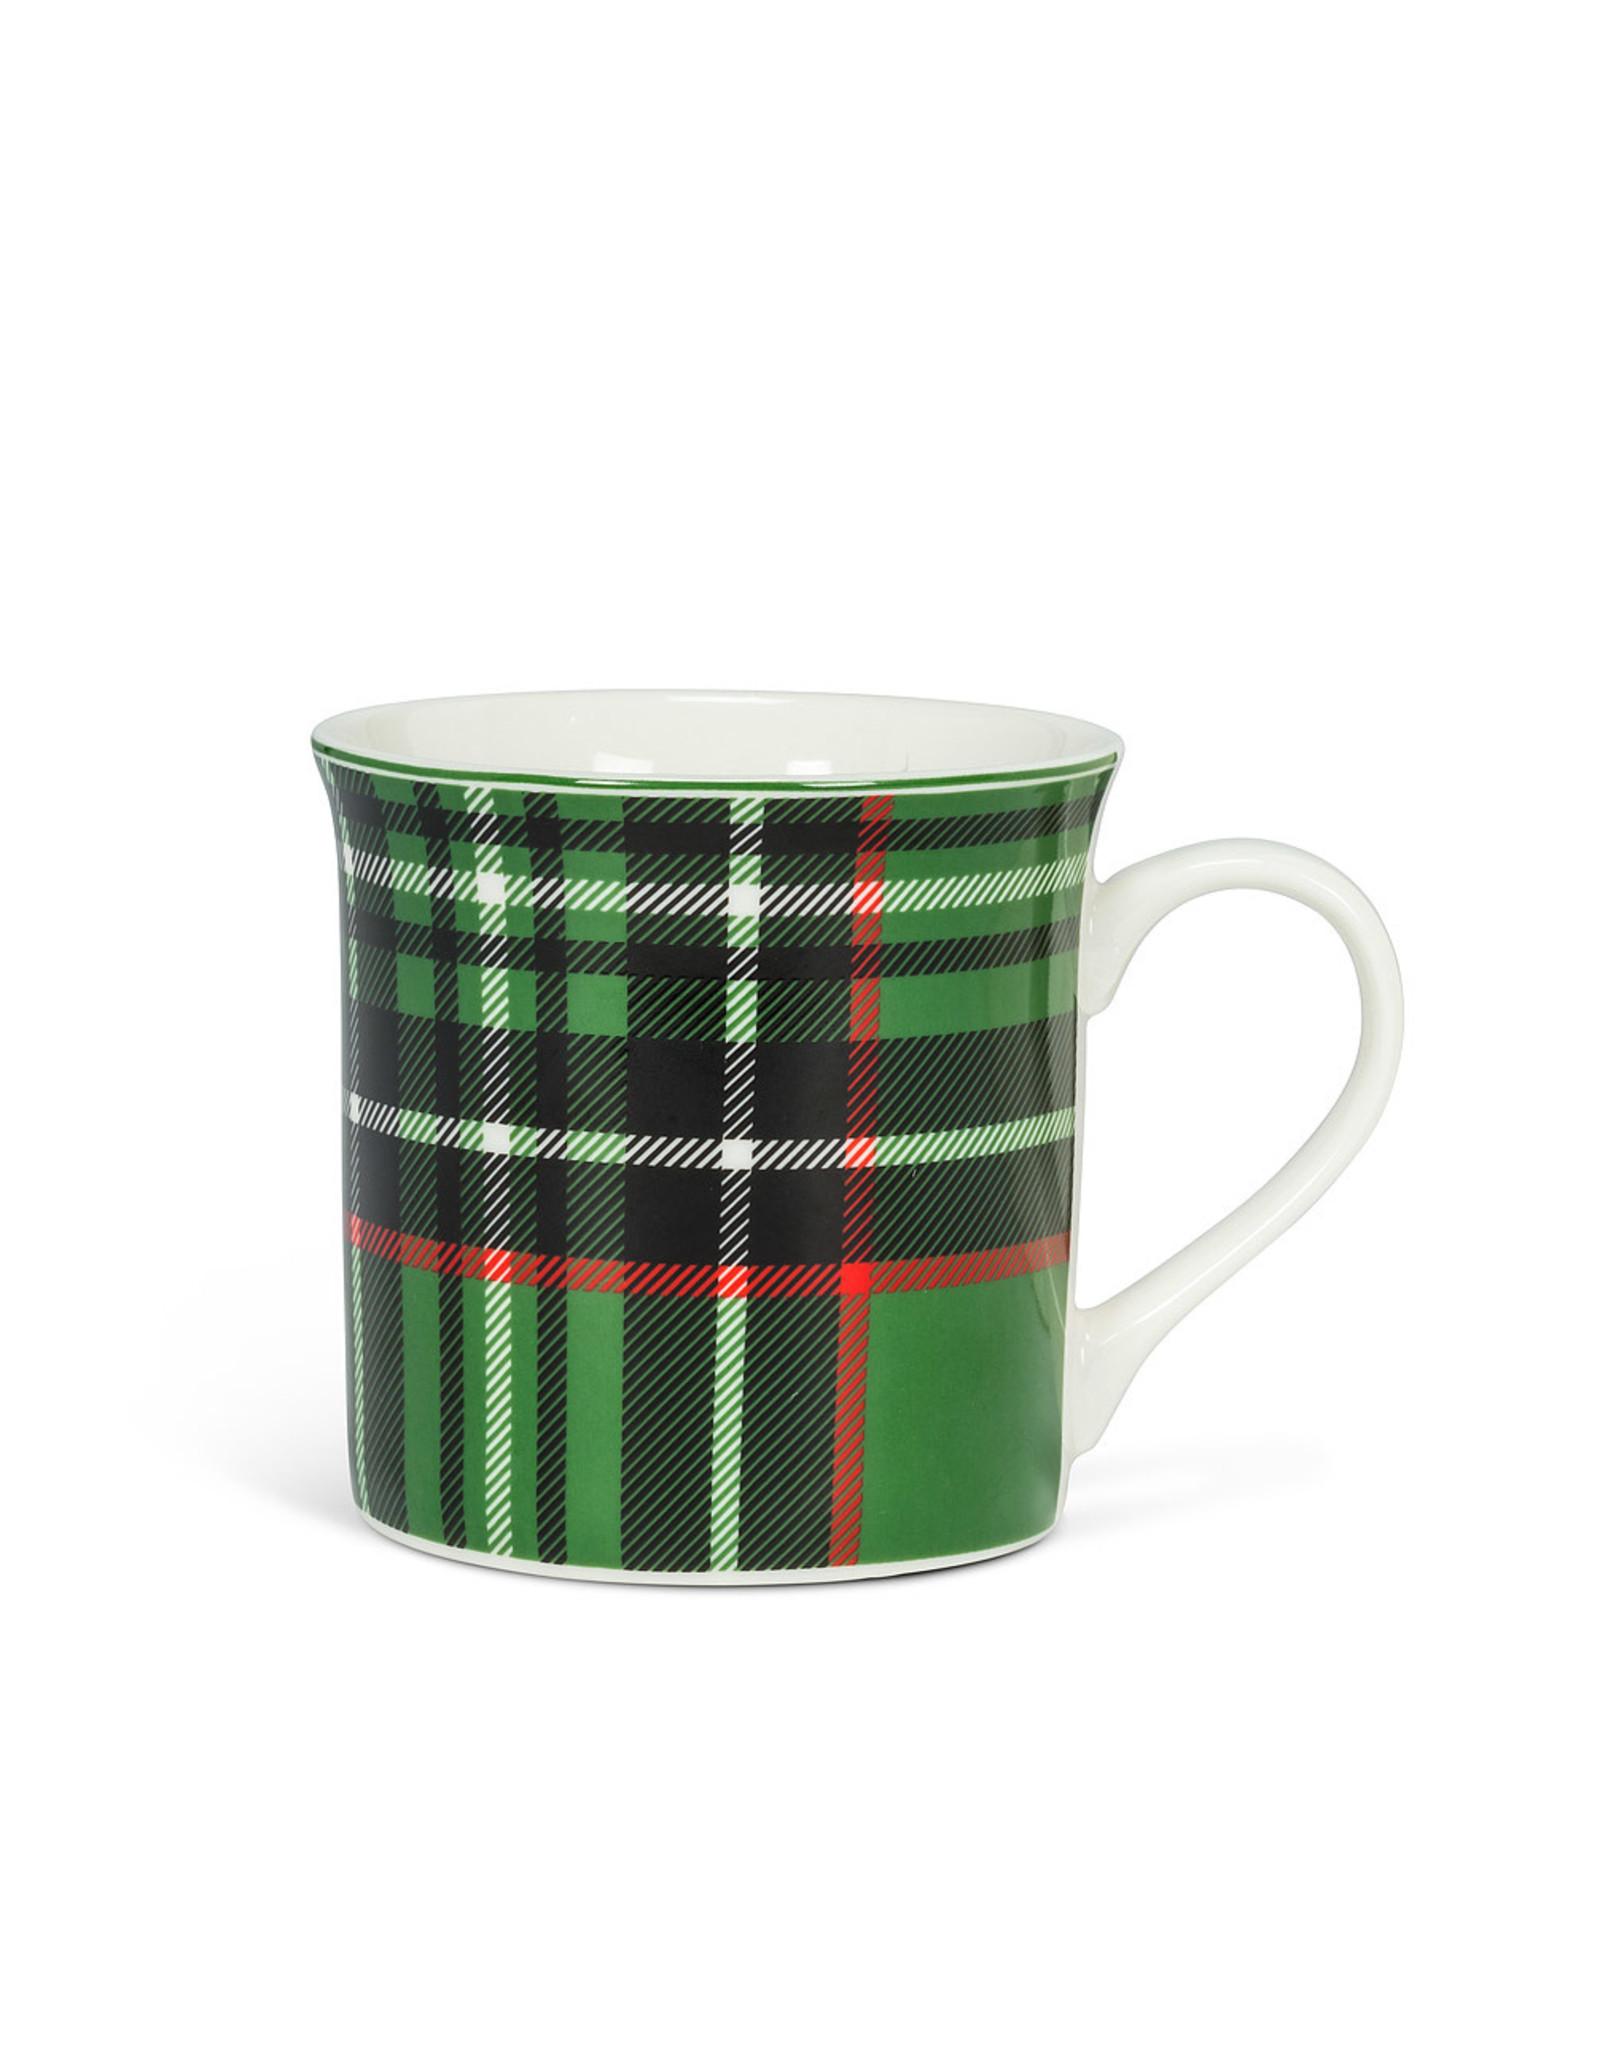 Green Tartan Mug